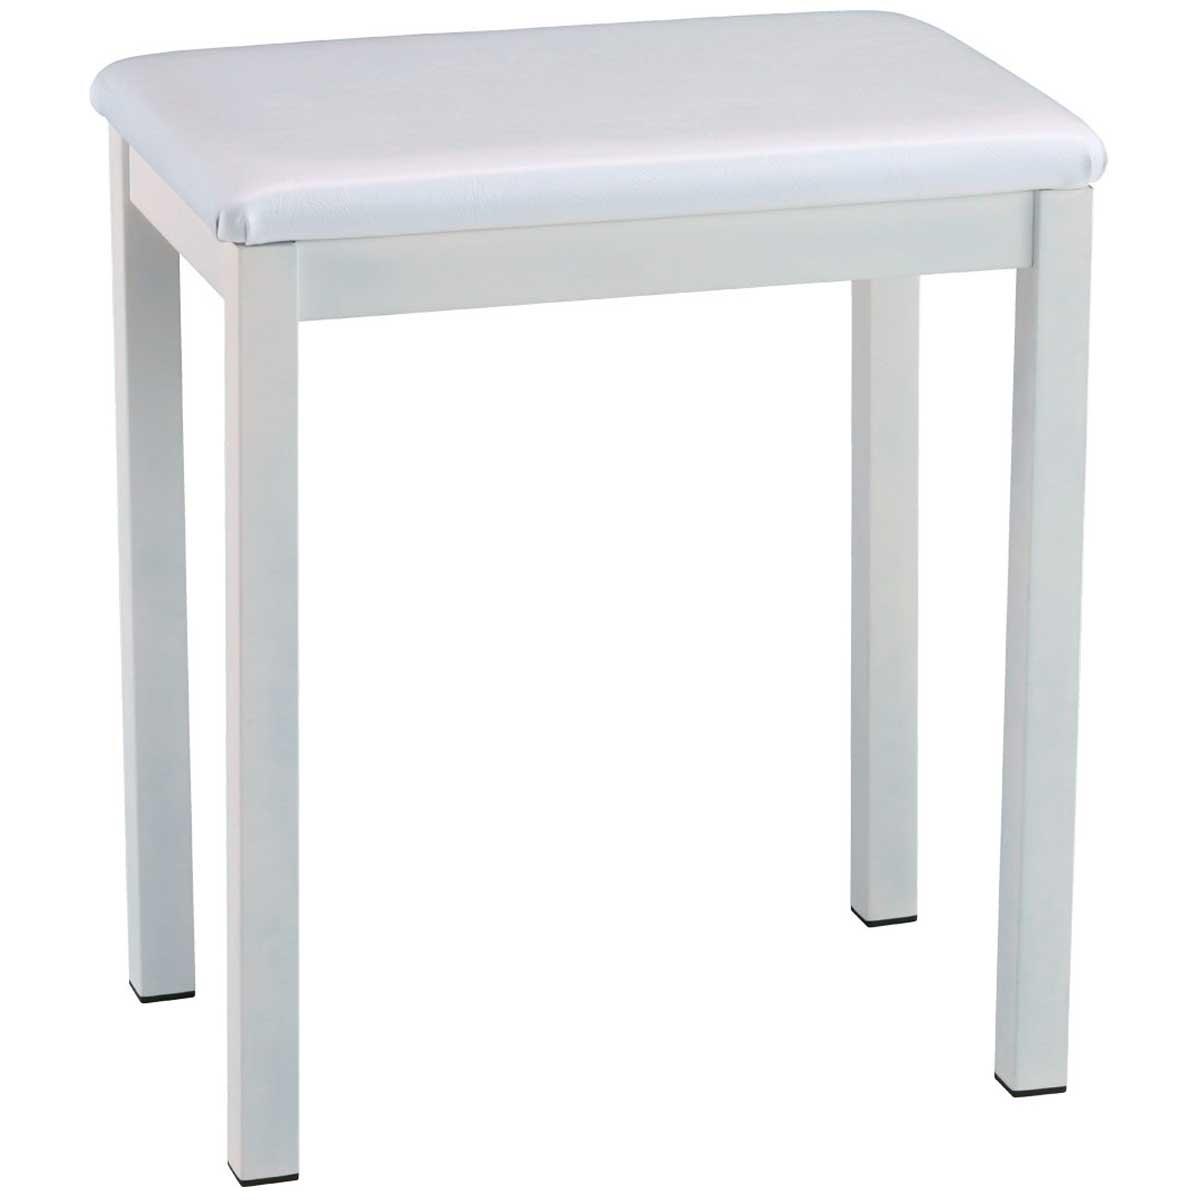 Roland ローランド / BNC-11-WH ホワイト 高さ固定式ピアノ椅子 【お取り寄せ商品】【YRK】